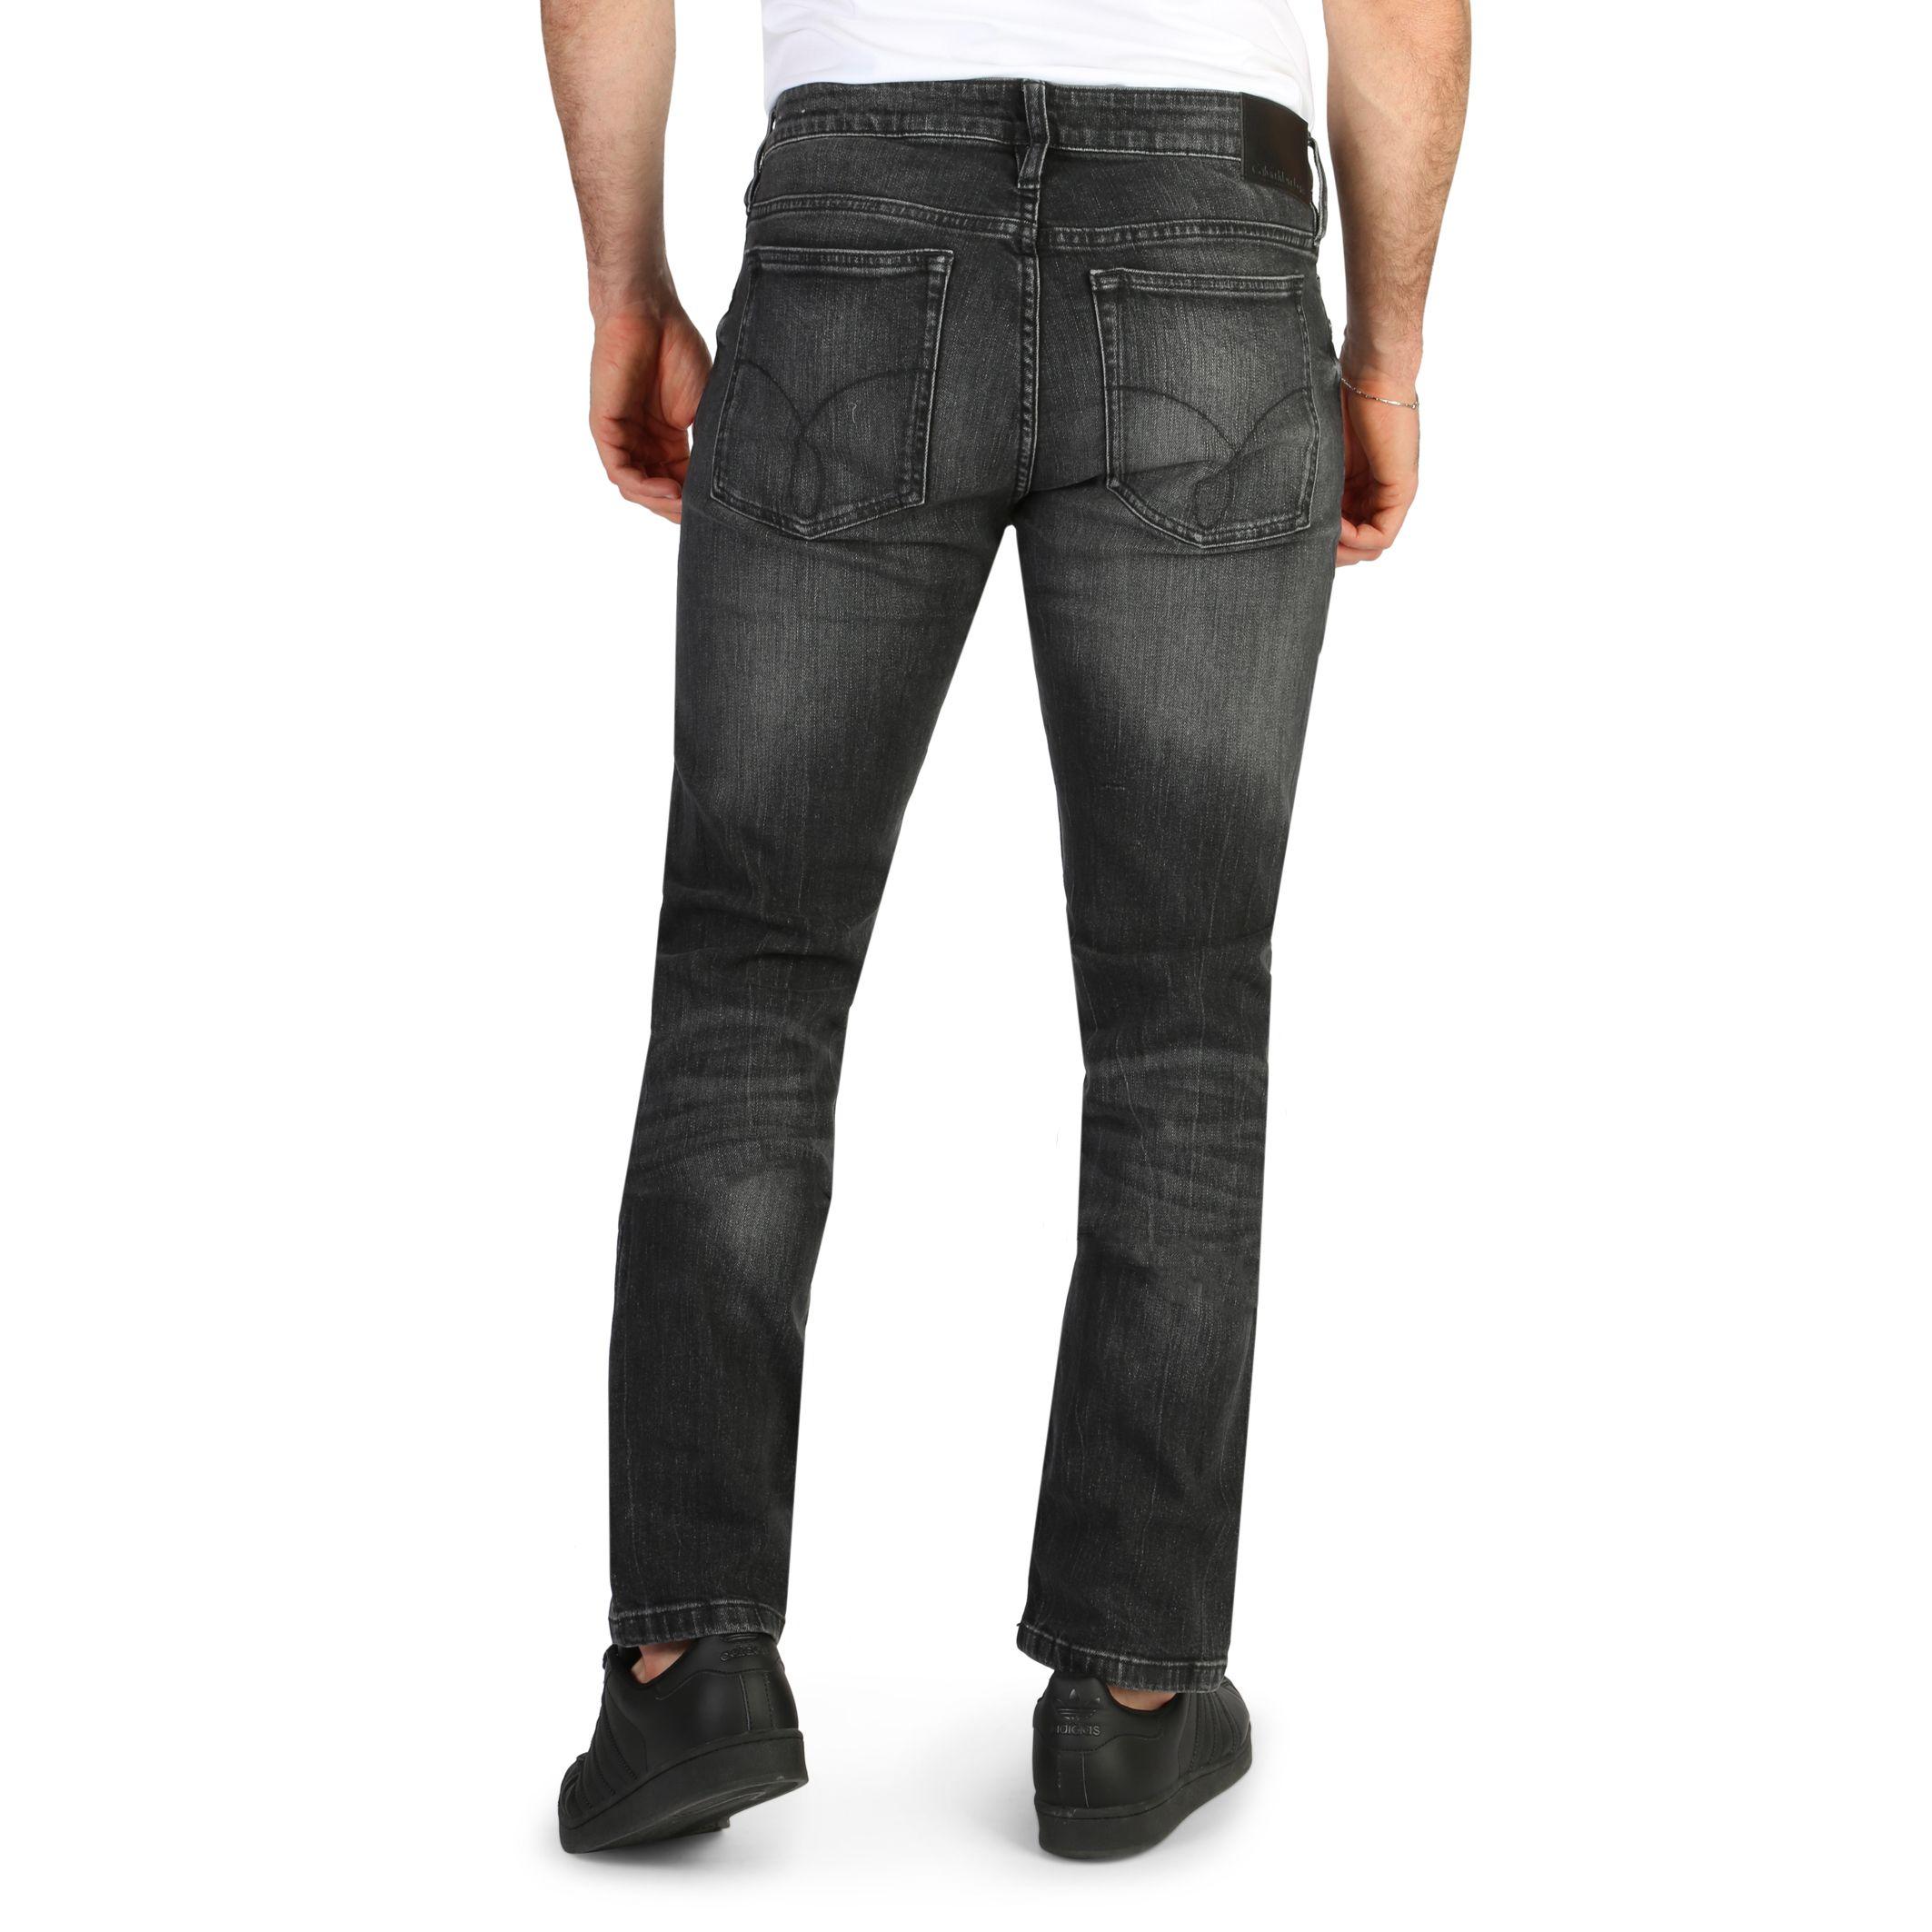 Calvin Klein – J30J304916 L34 Jeans